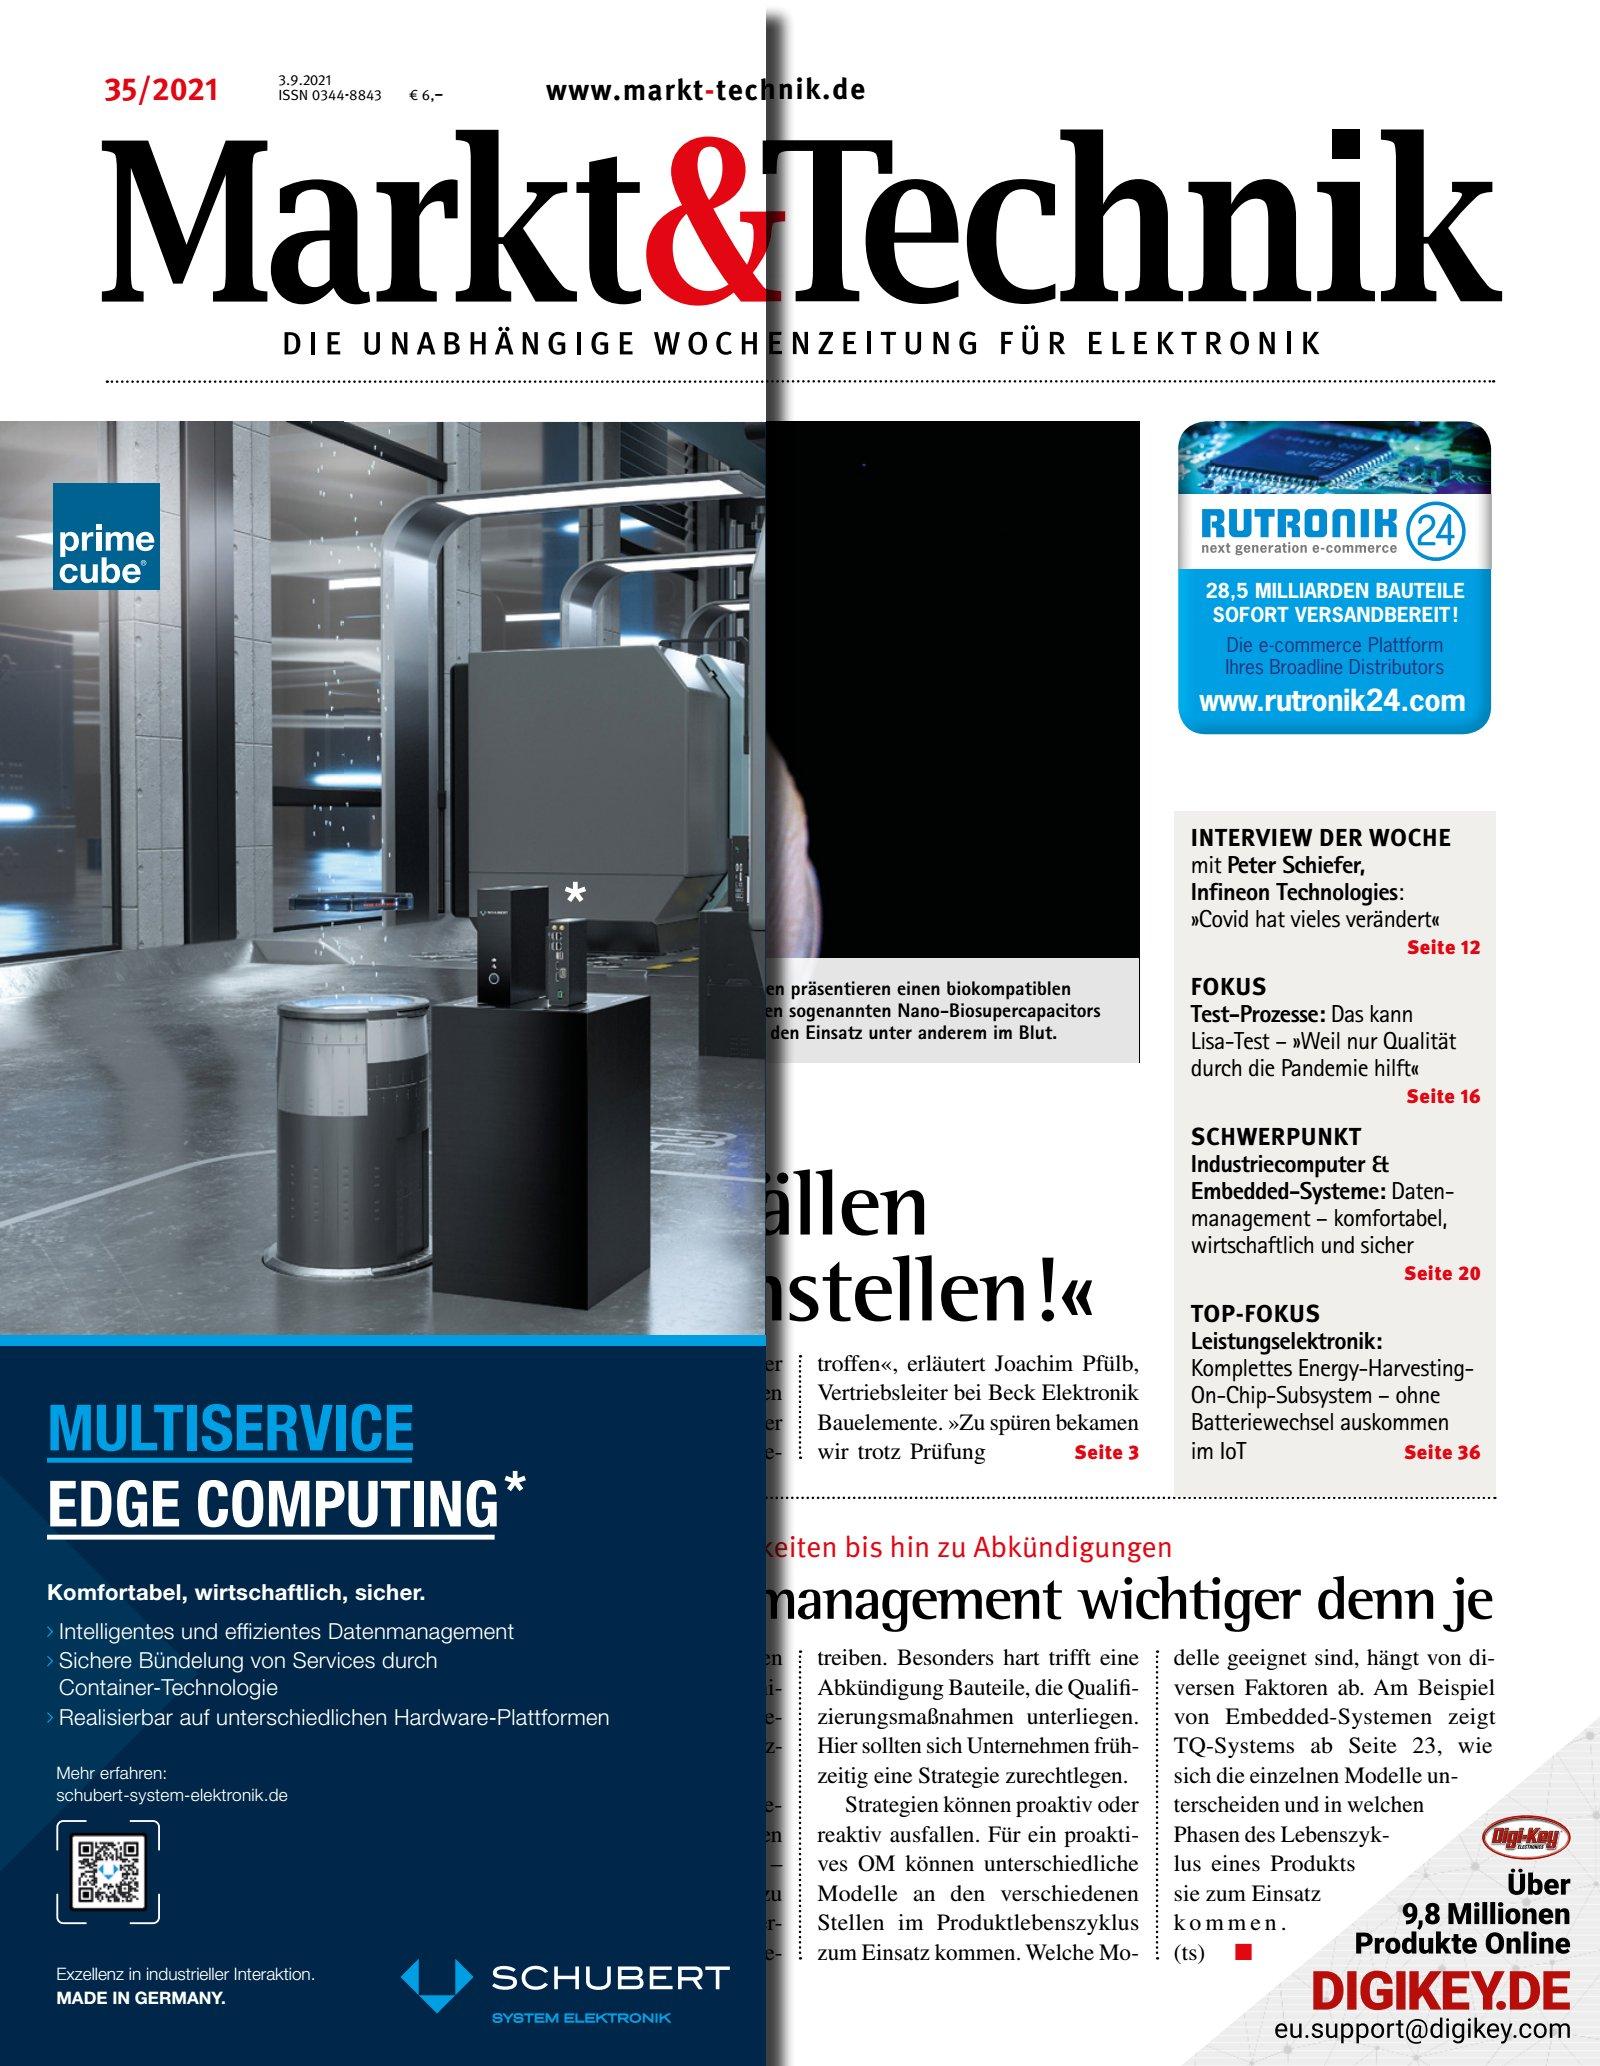 Markt&Technik 35/2021 Digital